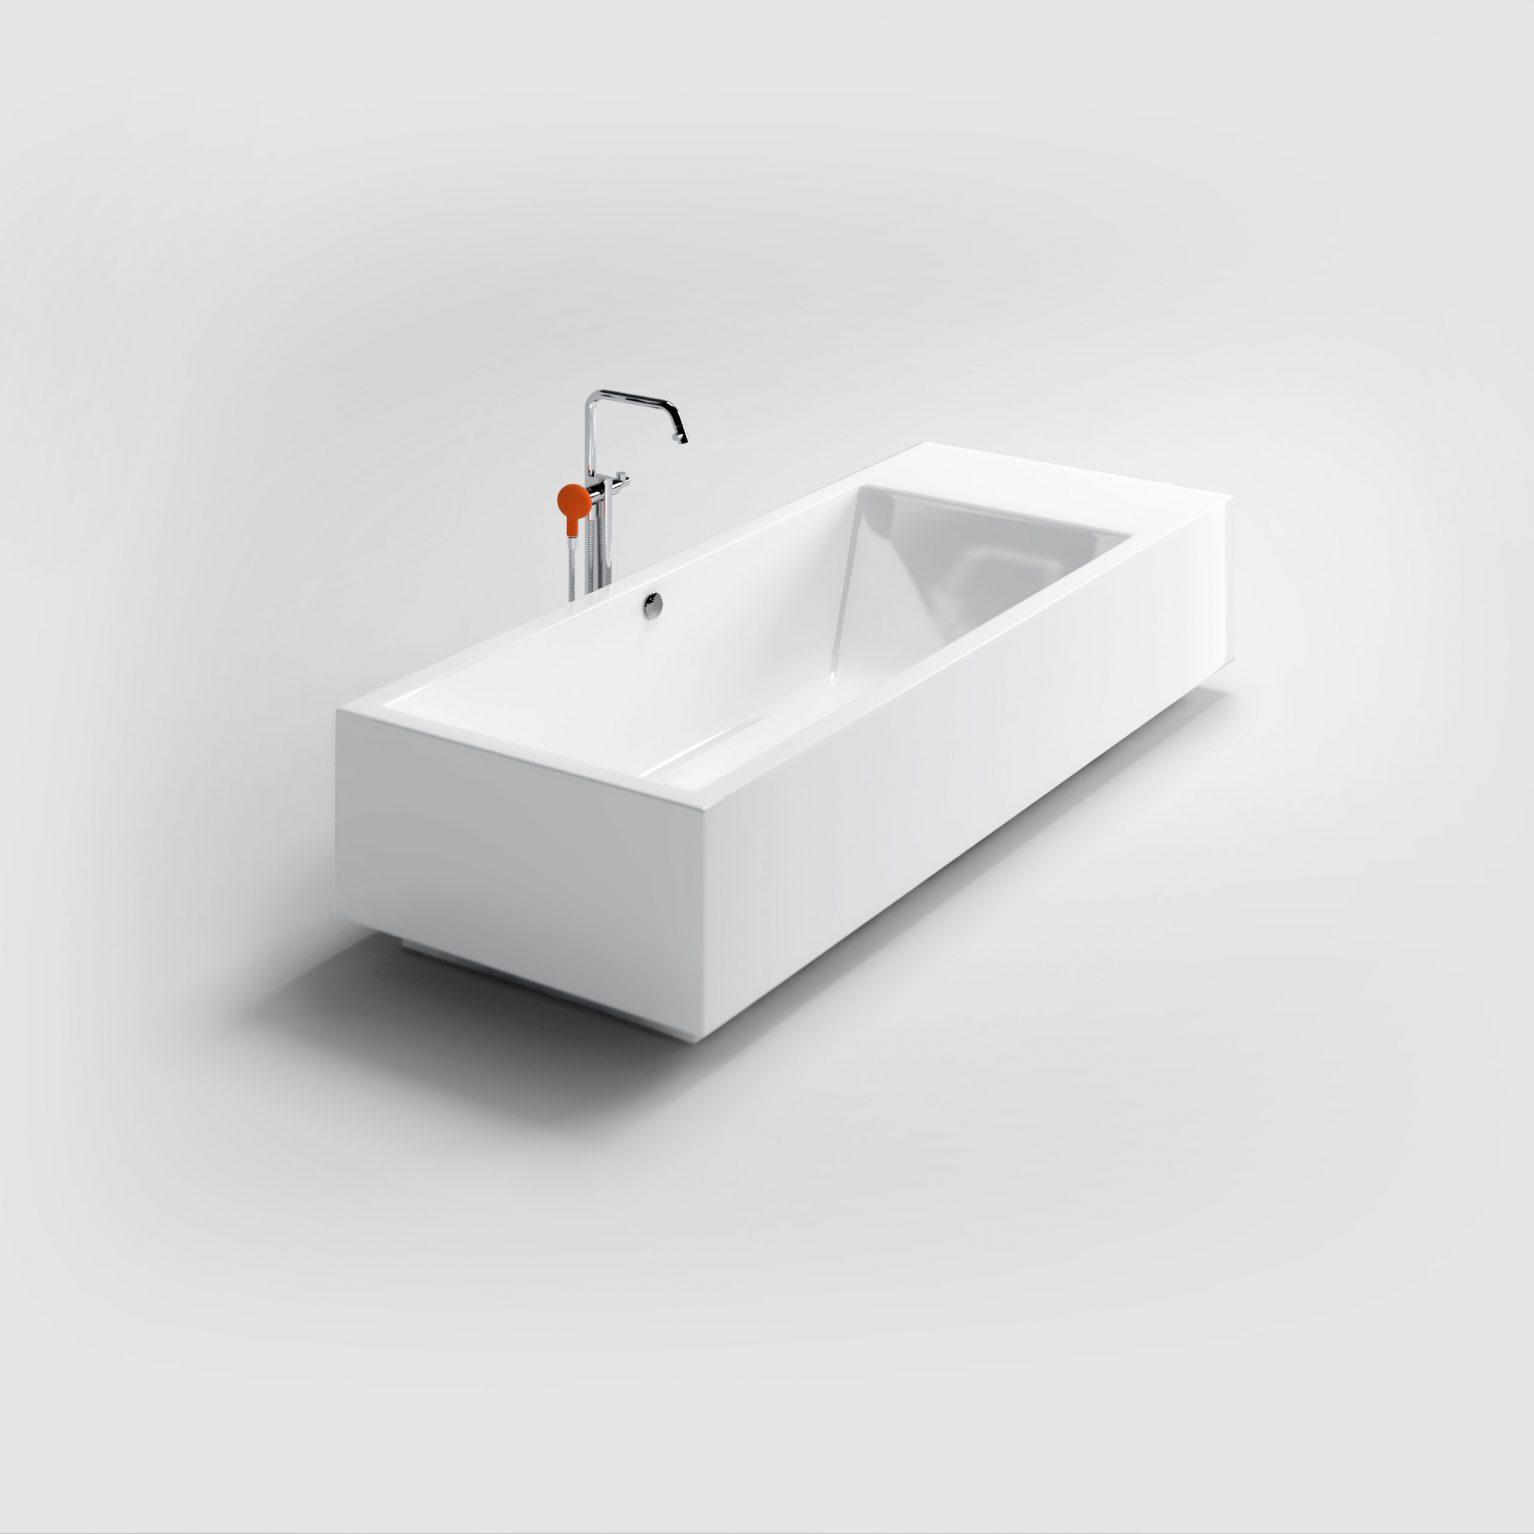 Wash Me vrijstaand ligbad, met stop/go plug, wit acryl)